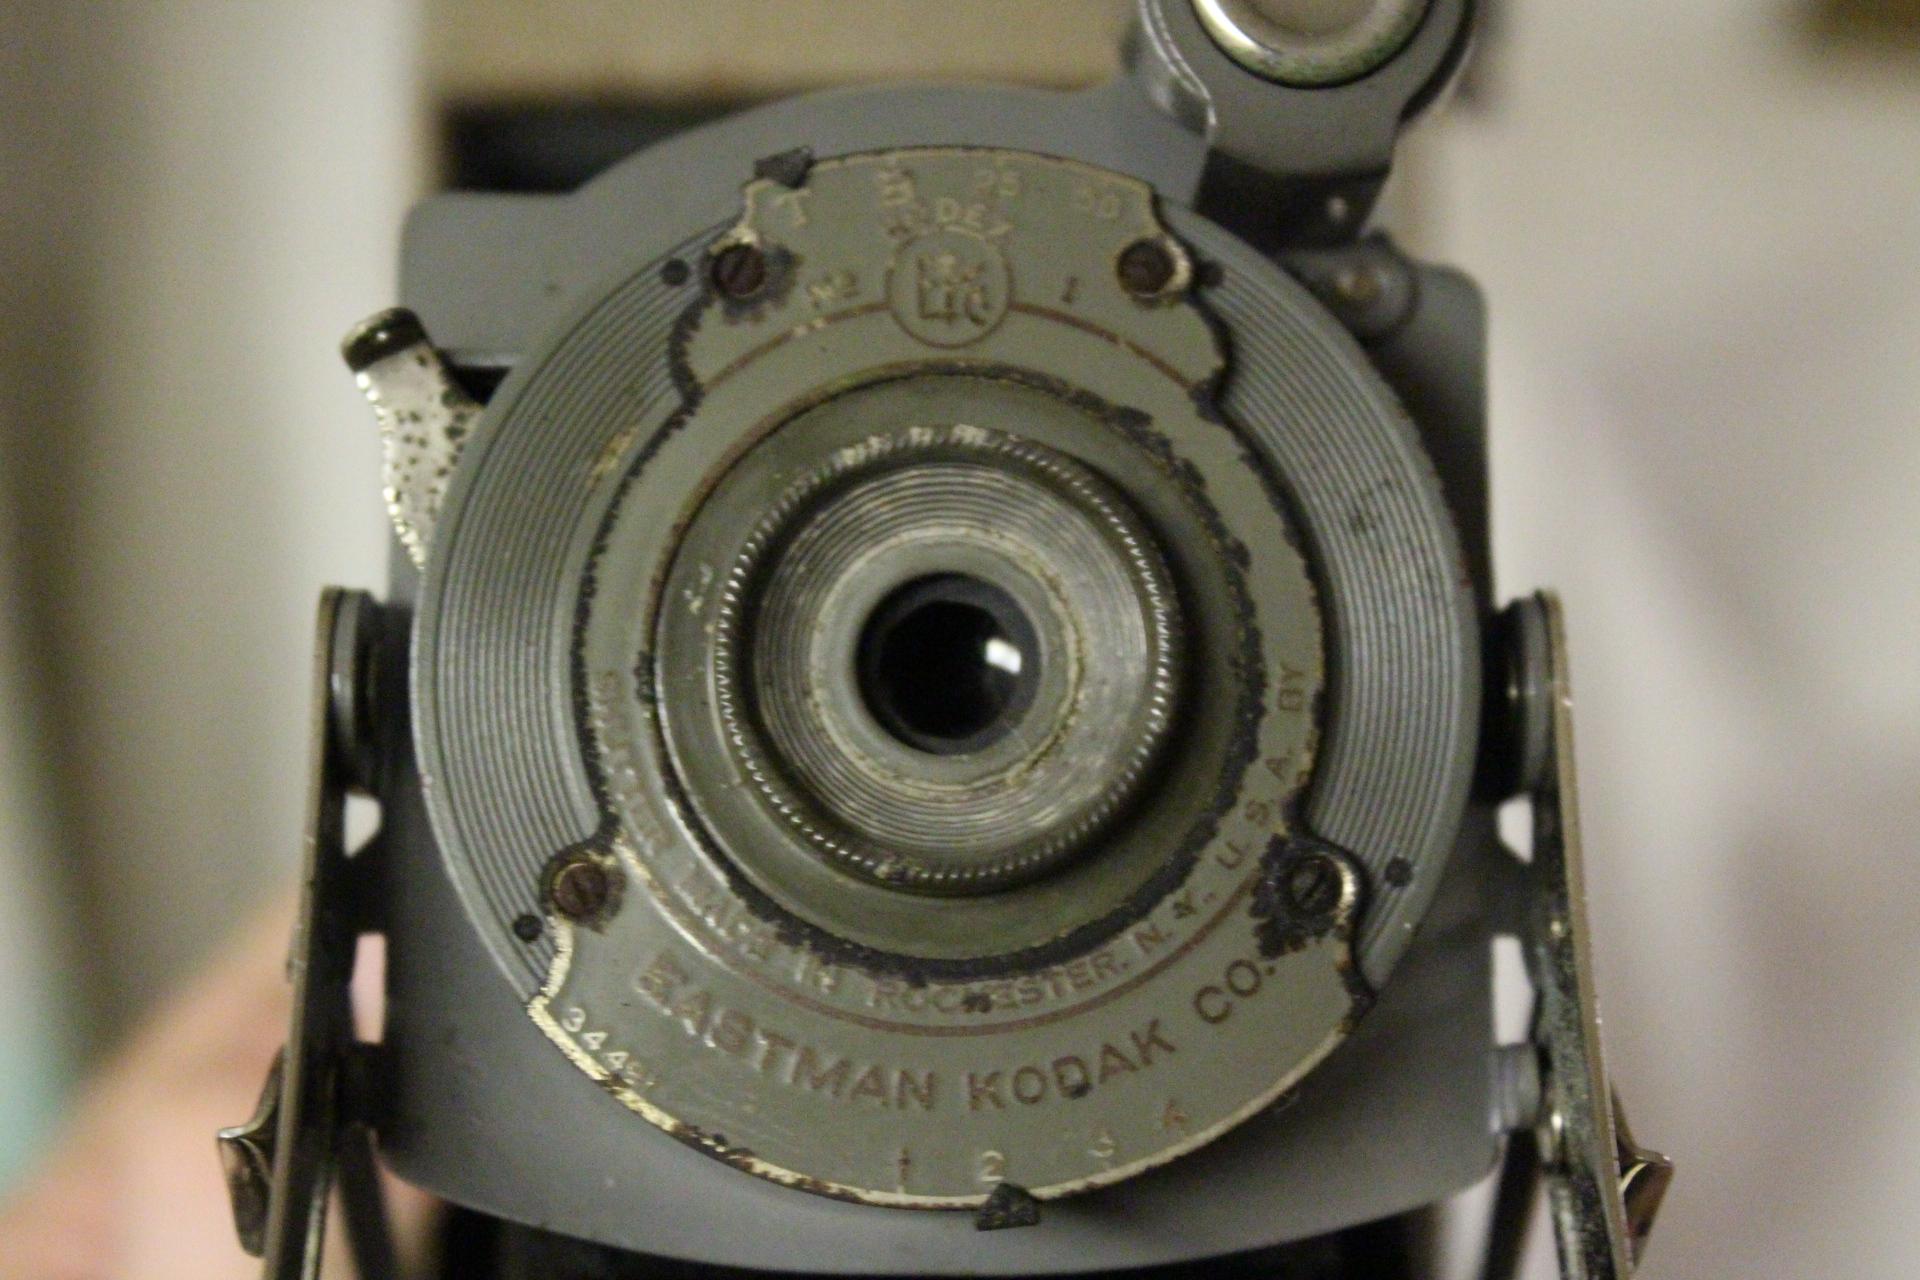 Kodak Monitor